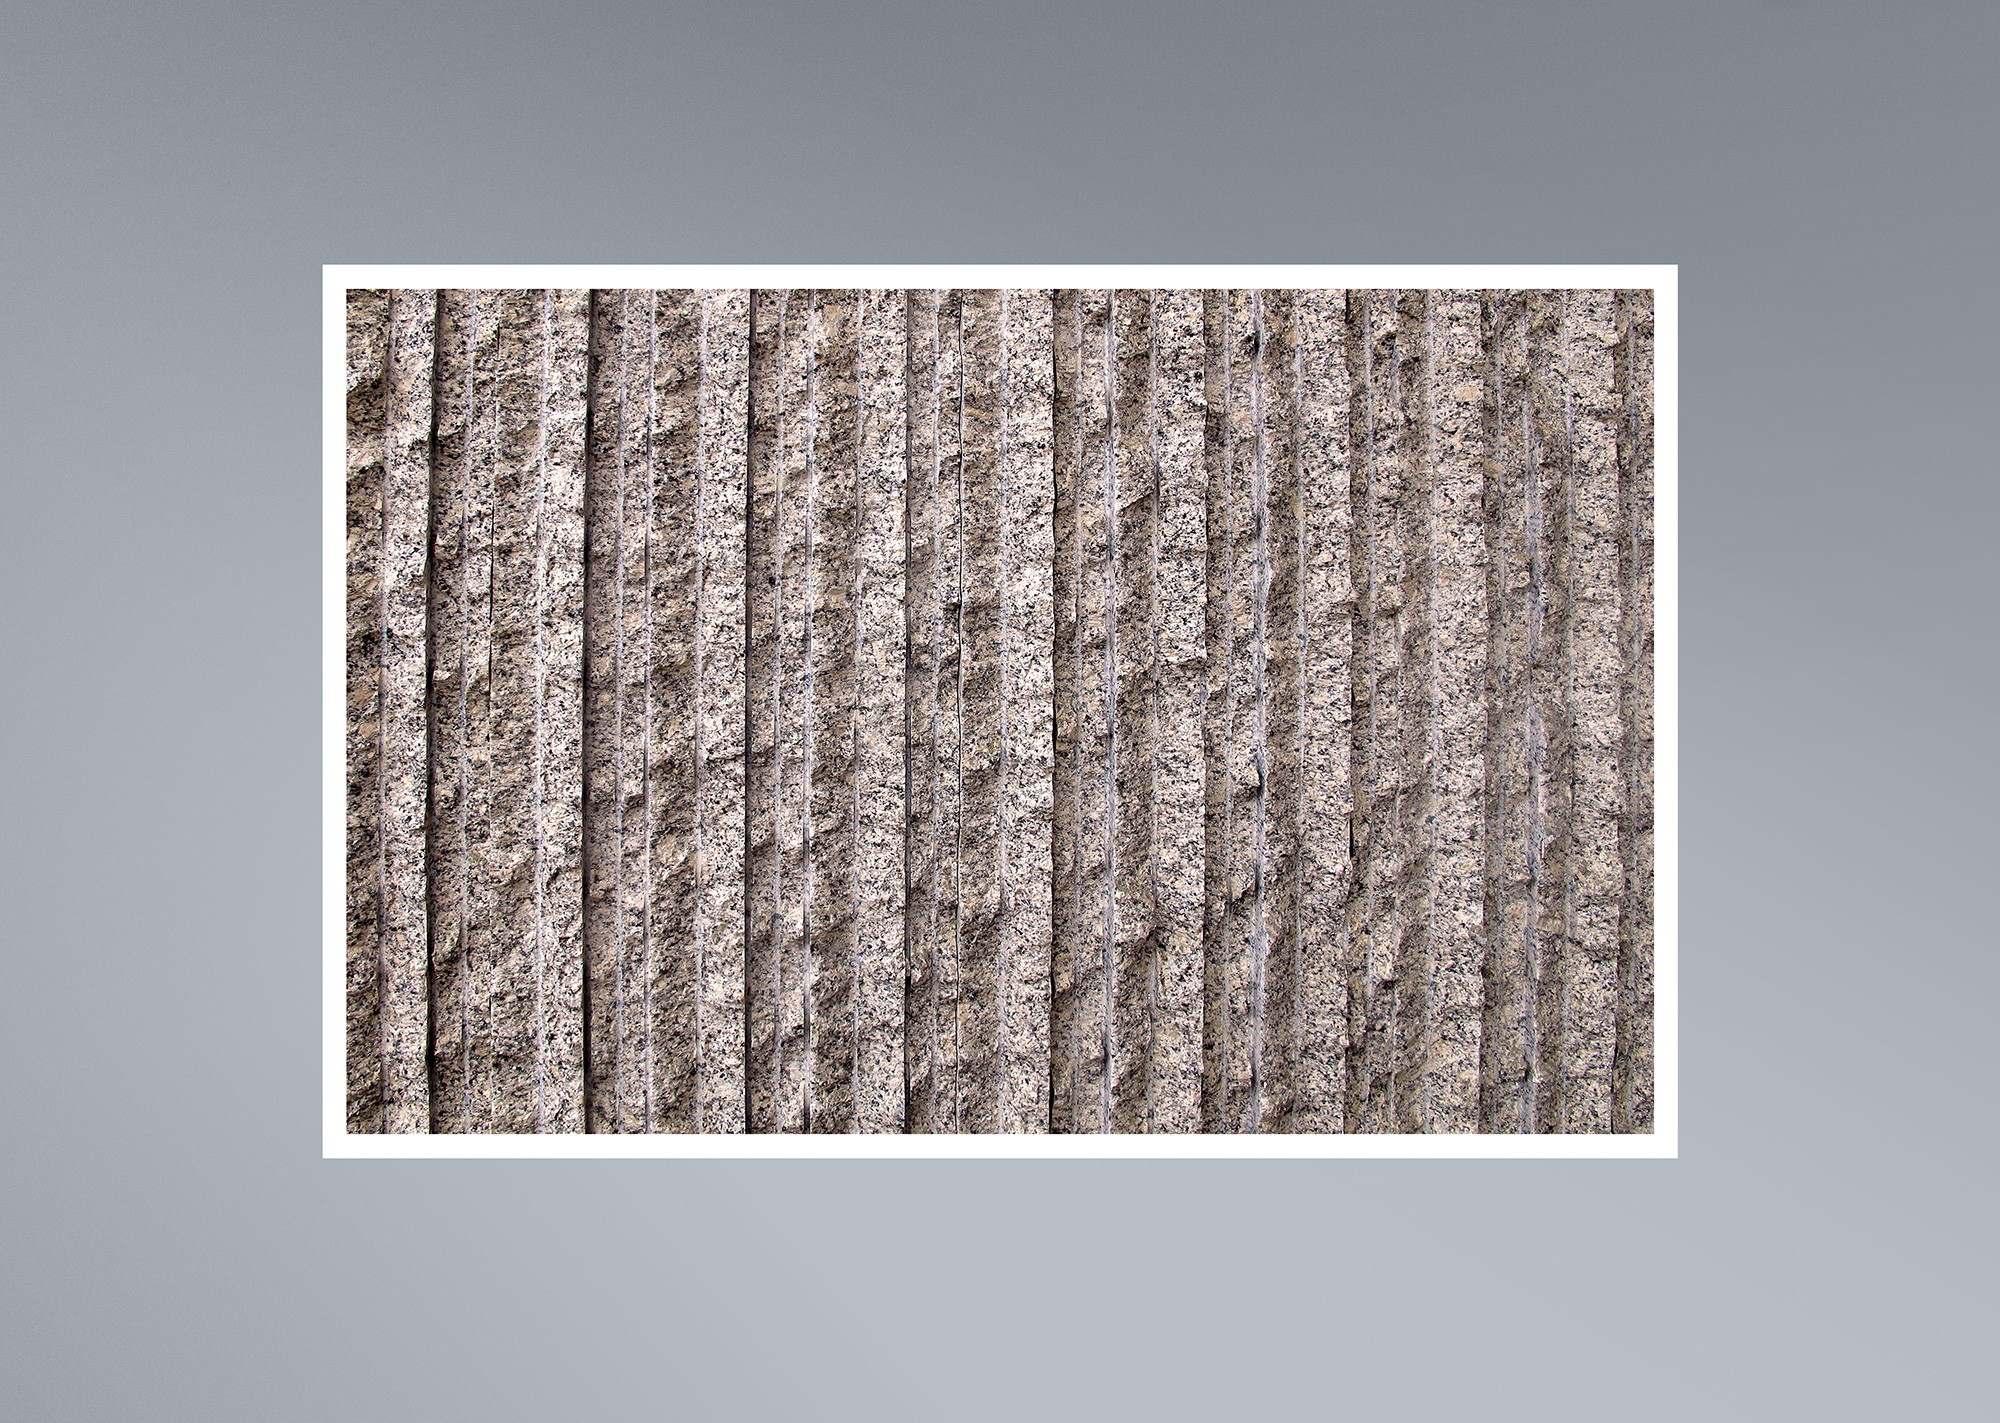 Detalle de acabado rústico de granito